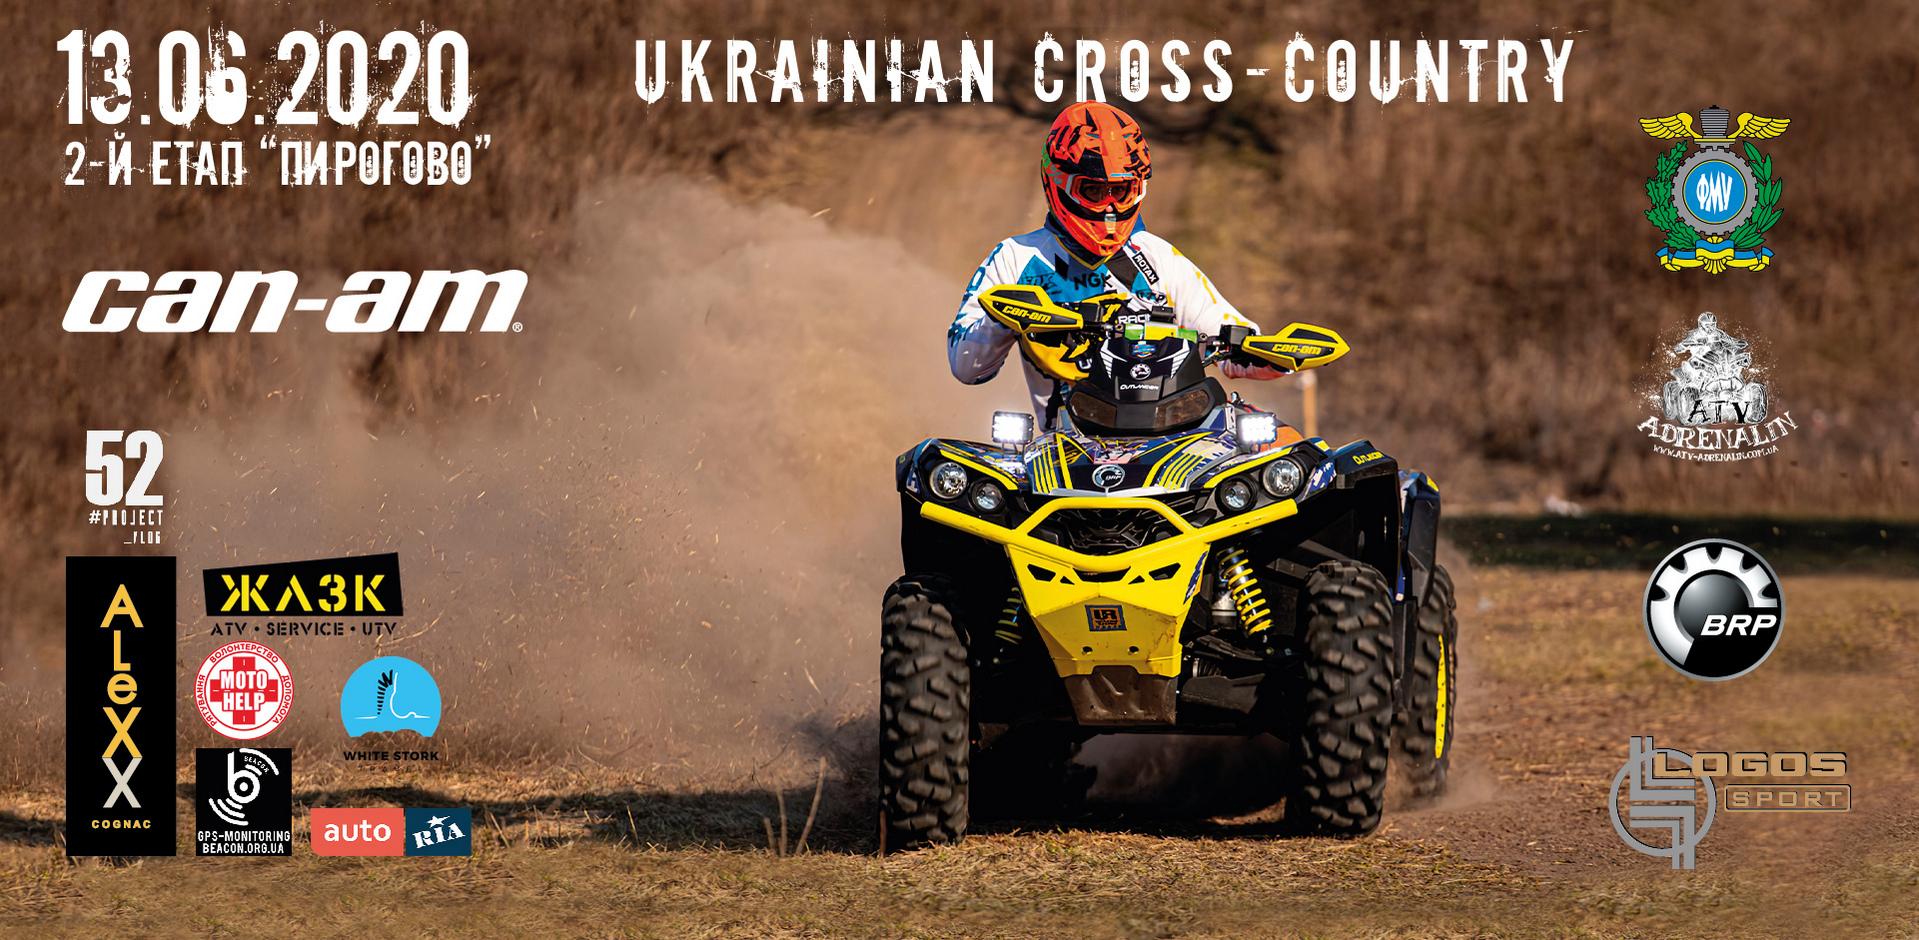 13 червня 2020 року відбудеться 2-й етап Чемпіонату України з Кантрі Кросу.